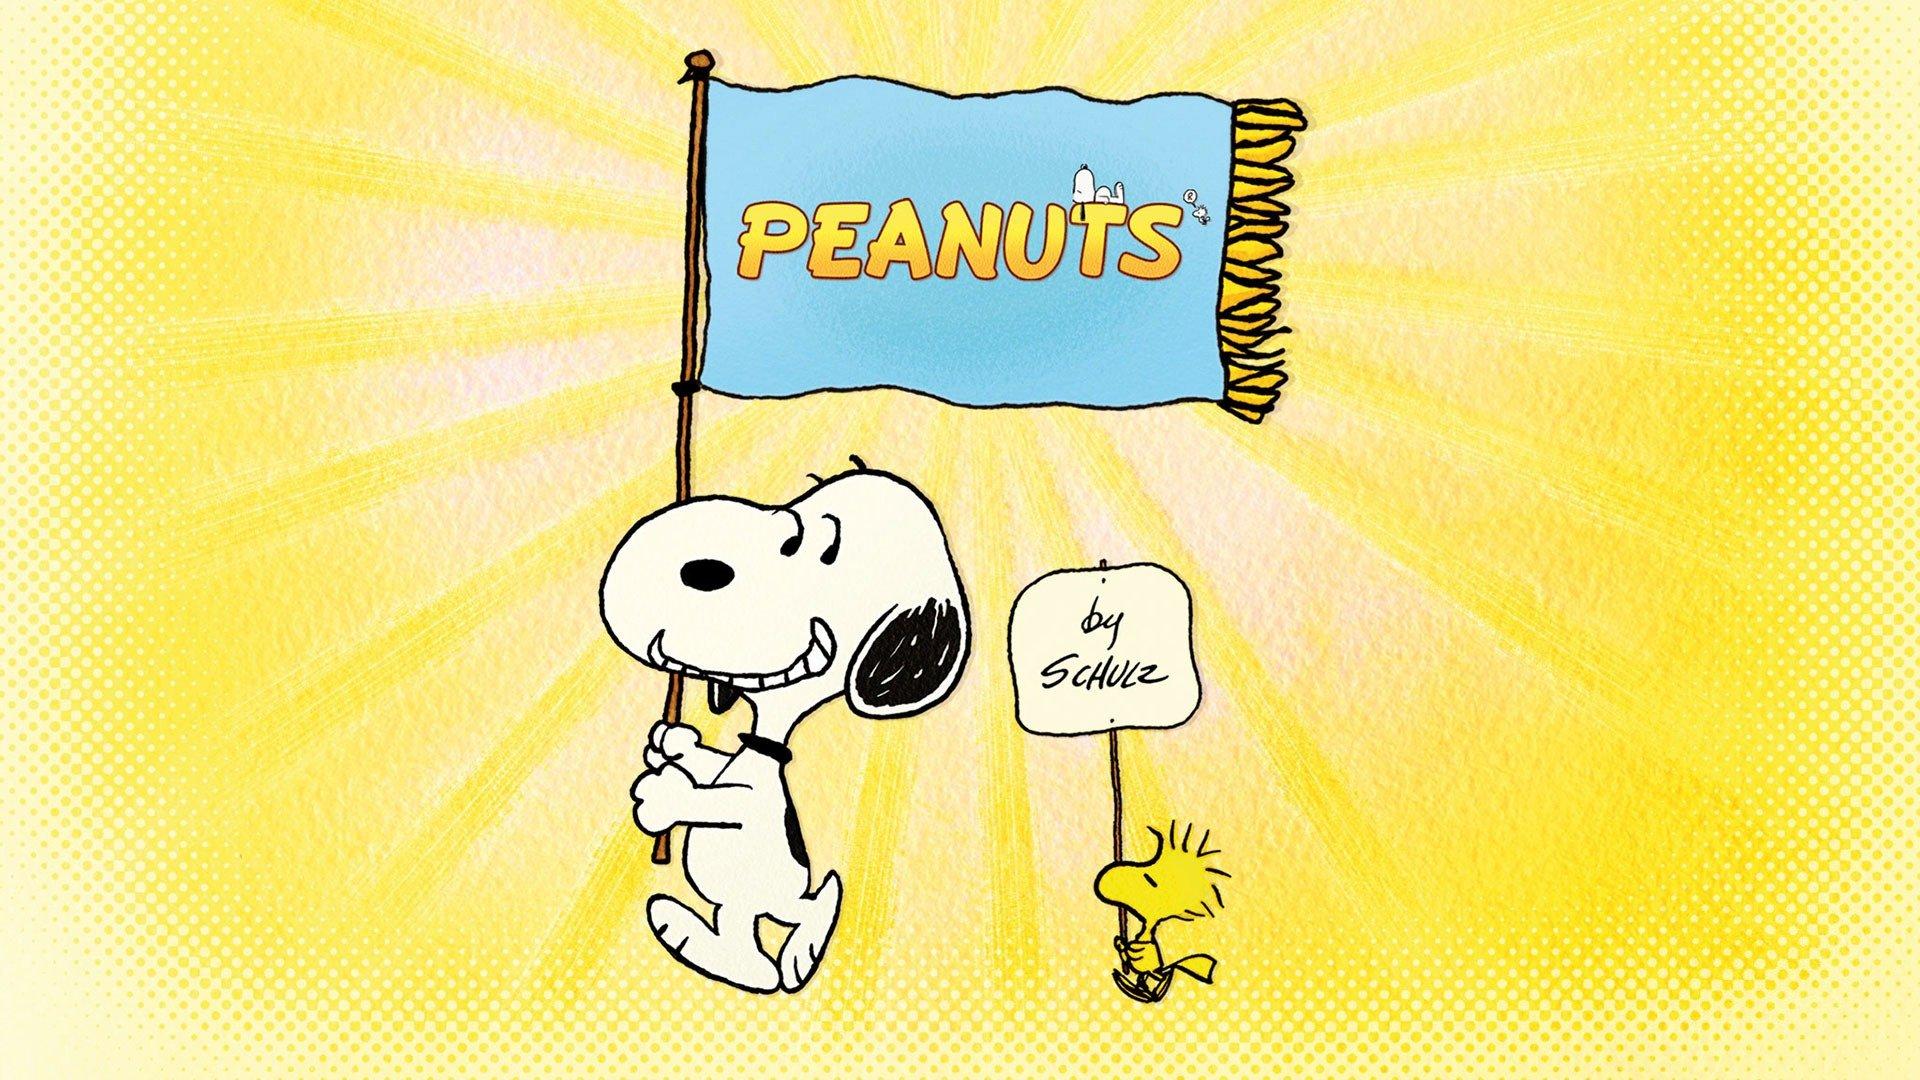 Peanuts ()